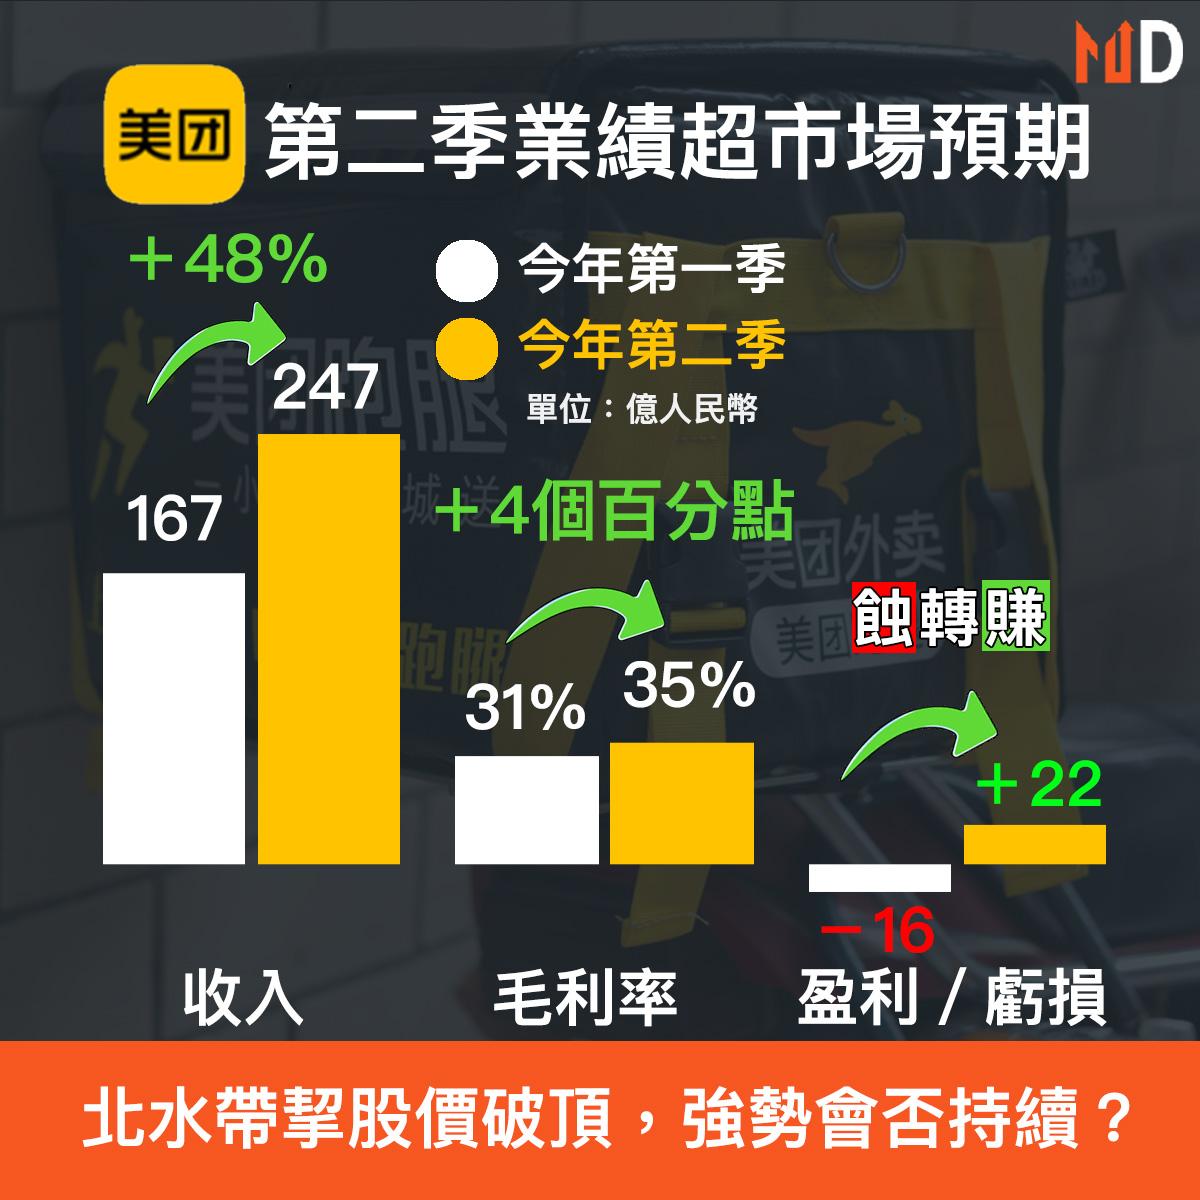 【財報分析】美團第二季超市場預期,股價之後會否持續強勢?